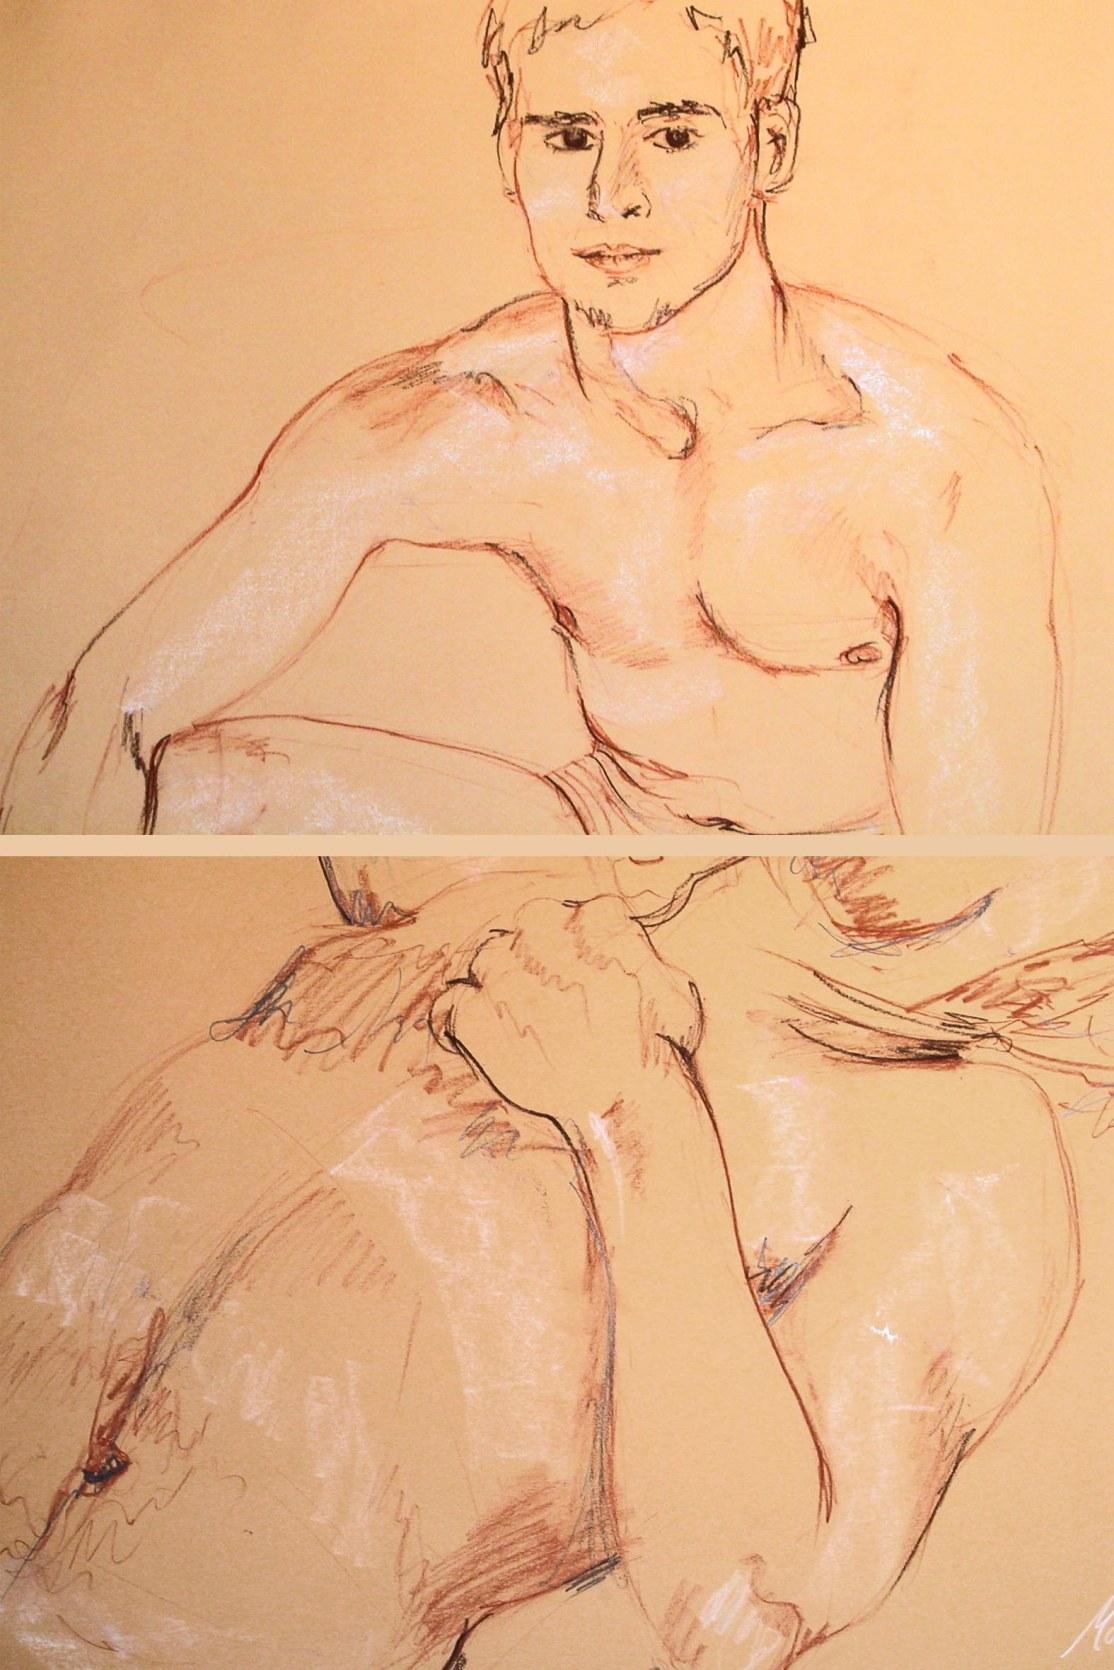 06_life drawing